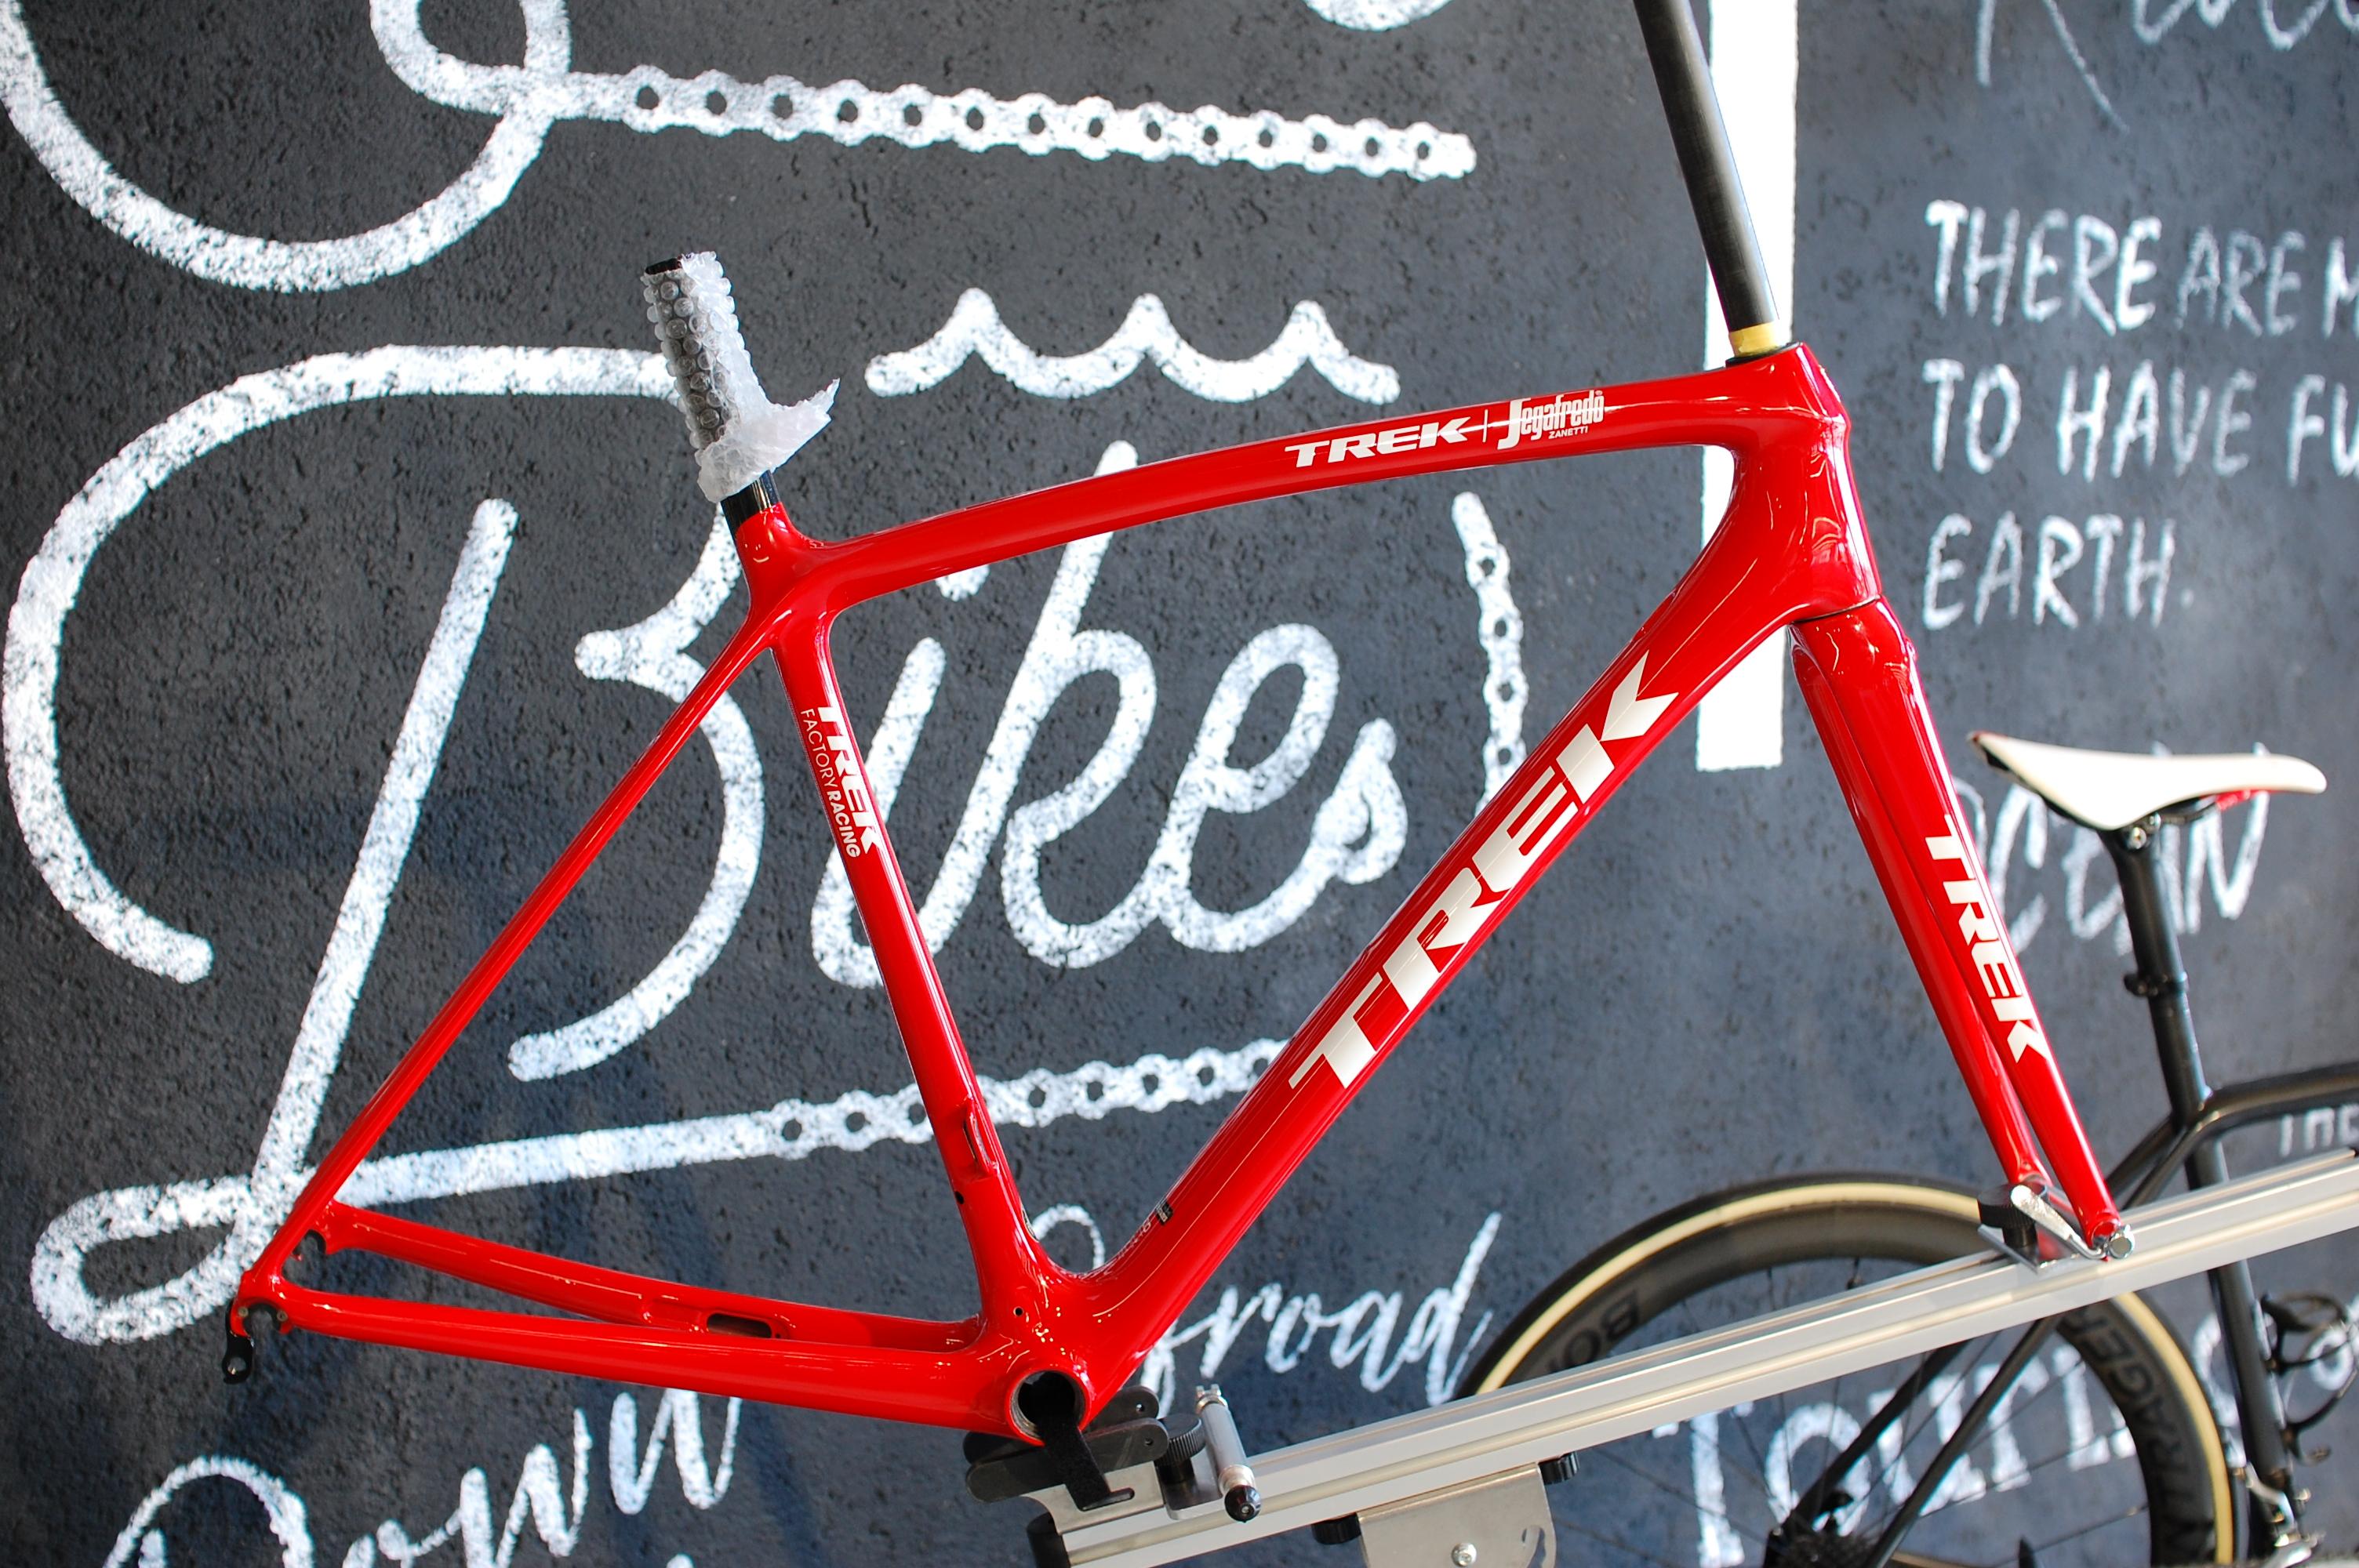 1gでも軽く!第4世代MADONEから、EMONDA SLRへ今週のピックアップバイクは【TREK(トレック)EMONDA SLR(エモンダ…